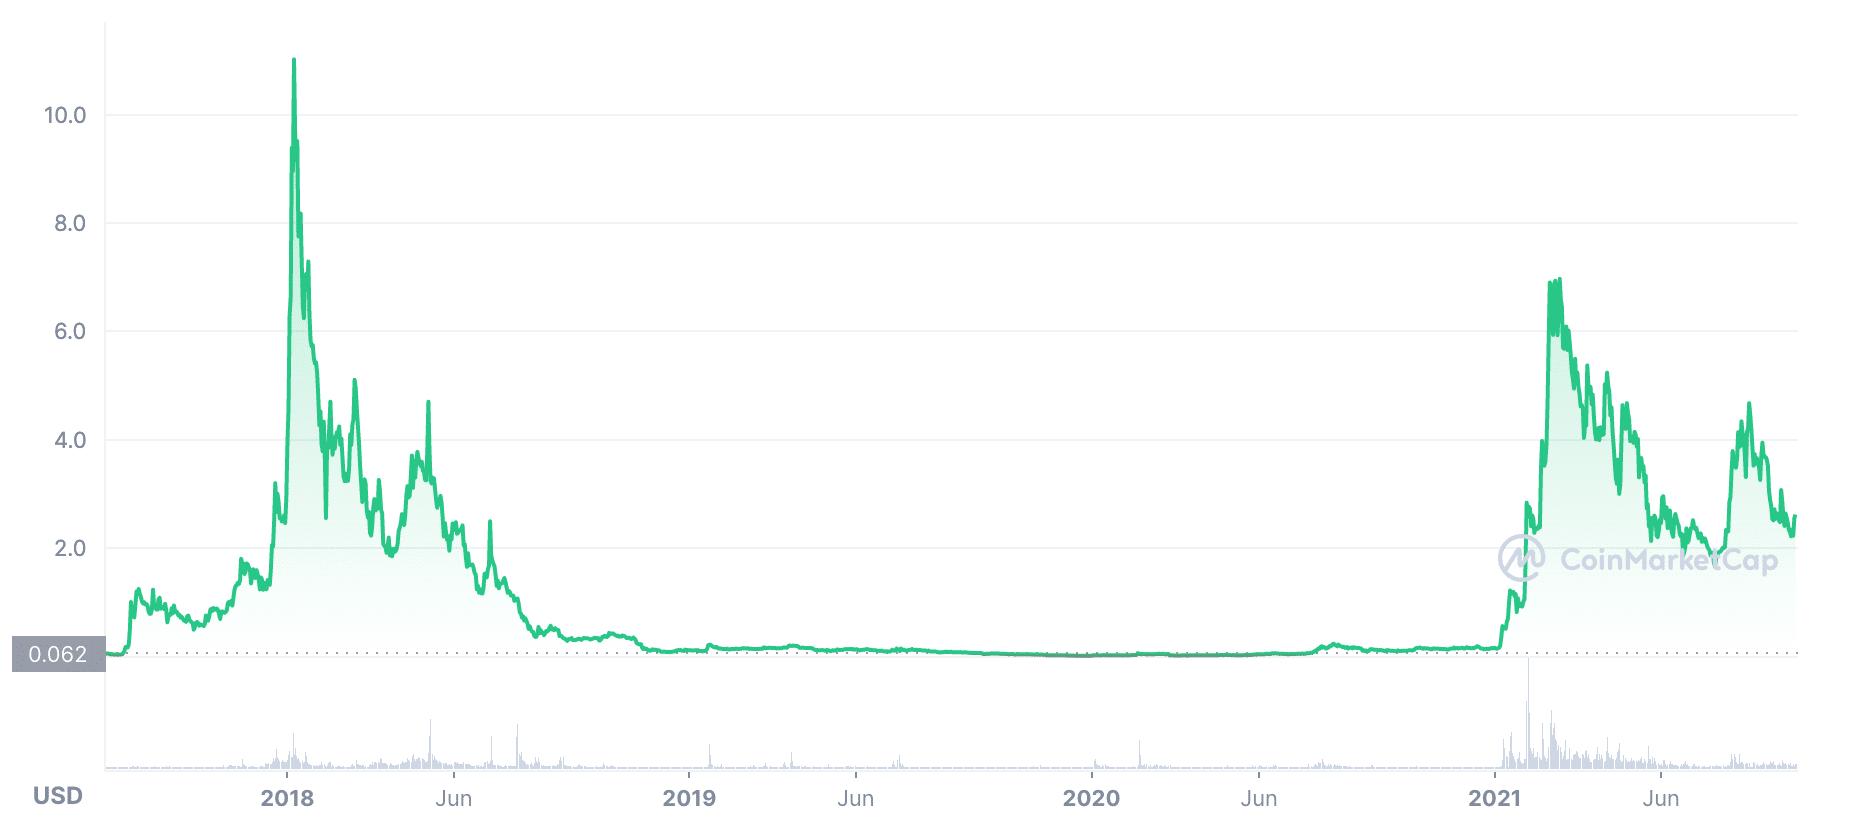 voyager token price chart